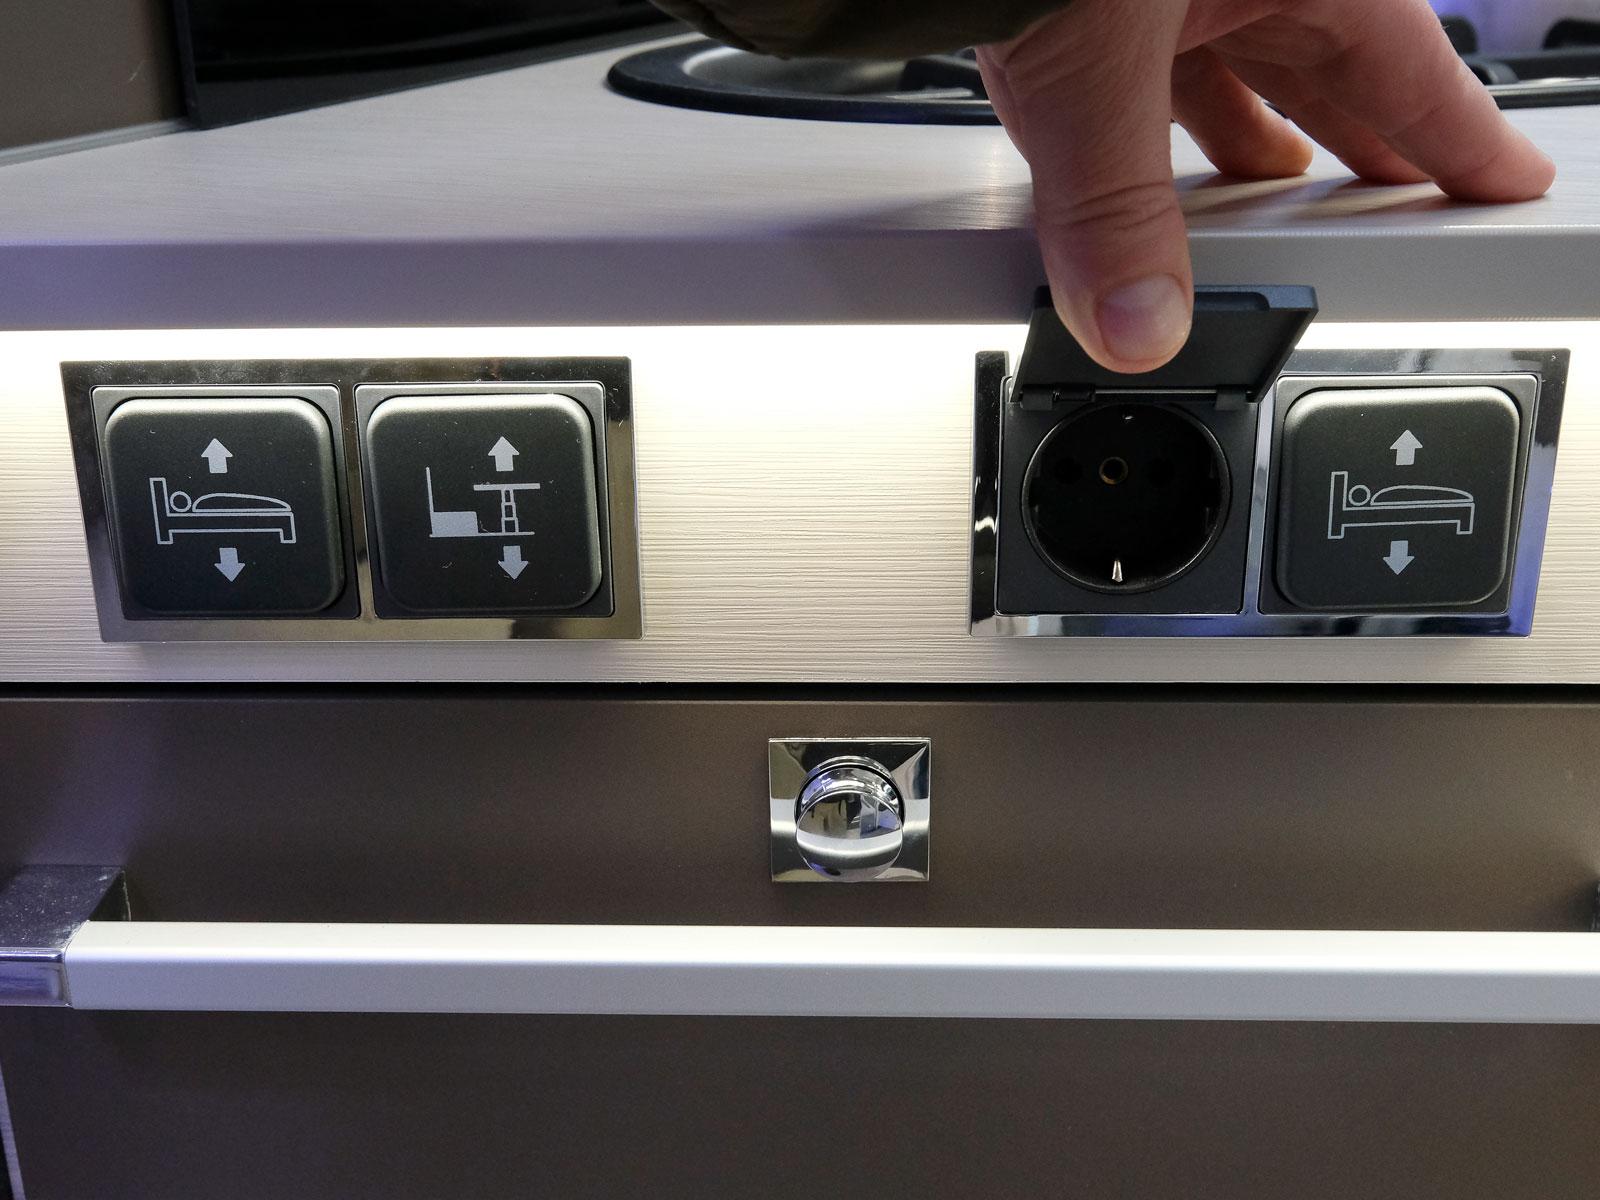 Elreglage för sängar och matbord samt 230V uttag finns under köksbänken.